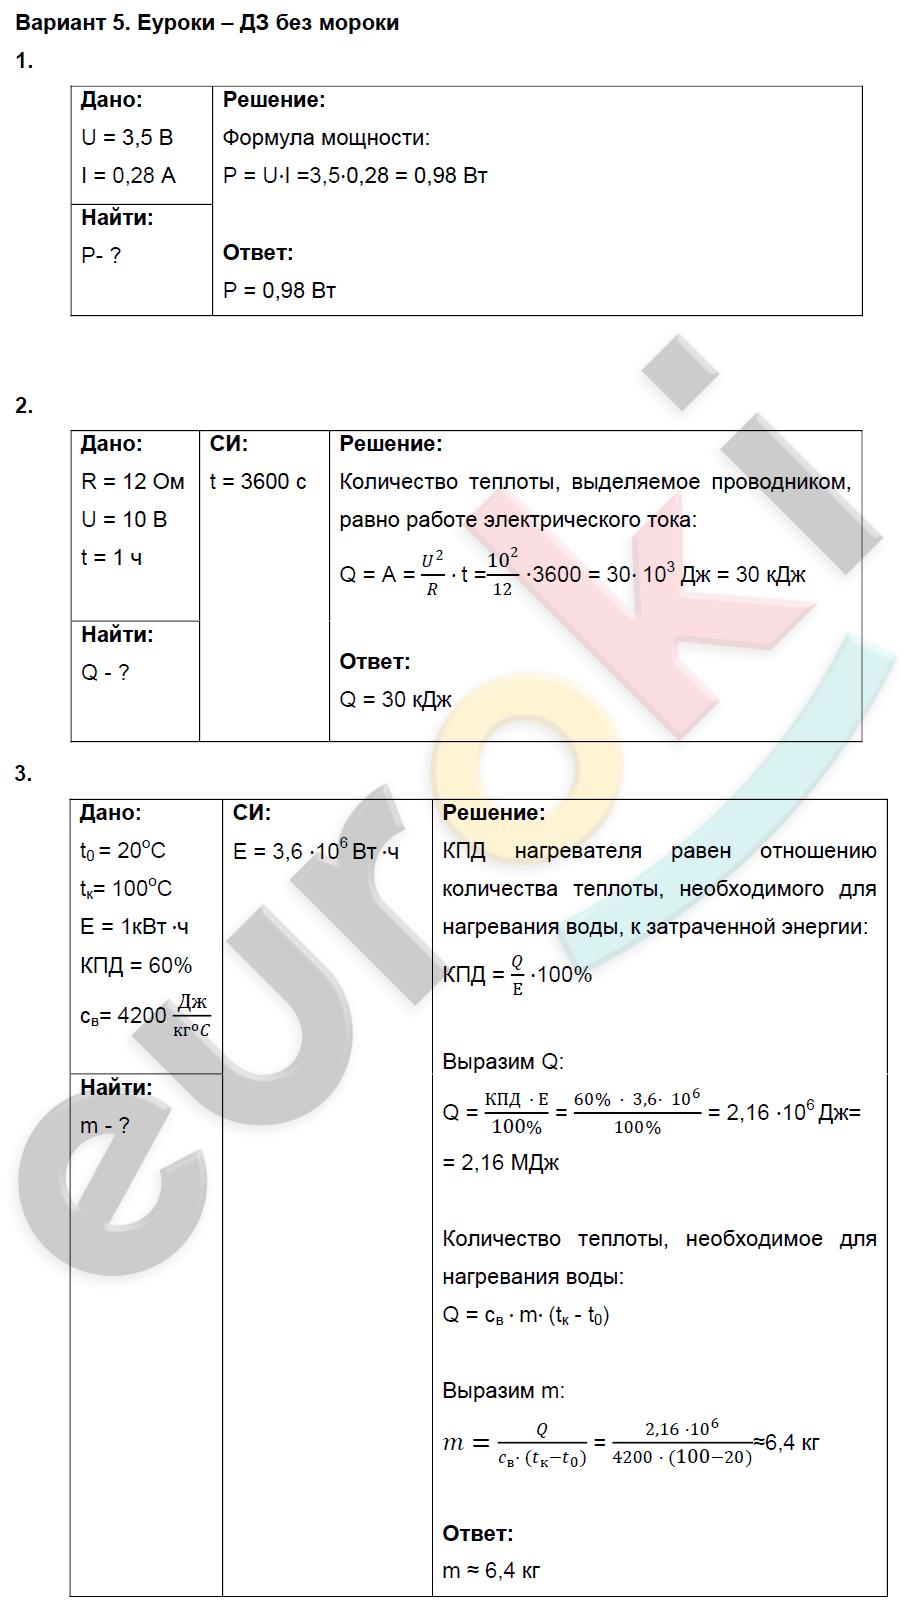 ГДЗ по физике 8 класс дидактические материалы Марон, Перышкин Самостоятельные работы, СР-10. Работа и мощность тока. Задание: Вариант 5